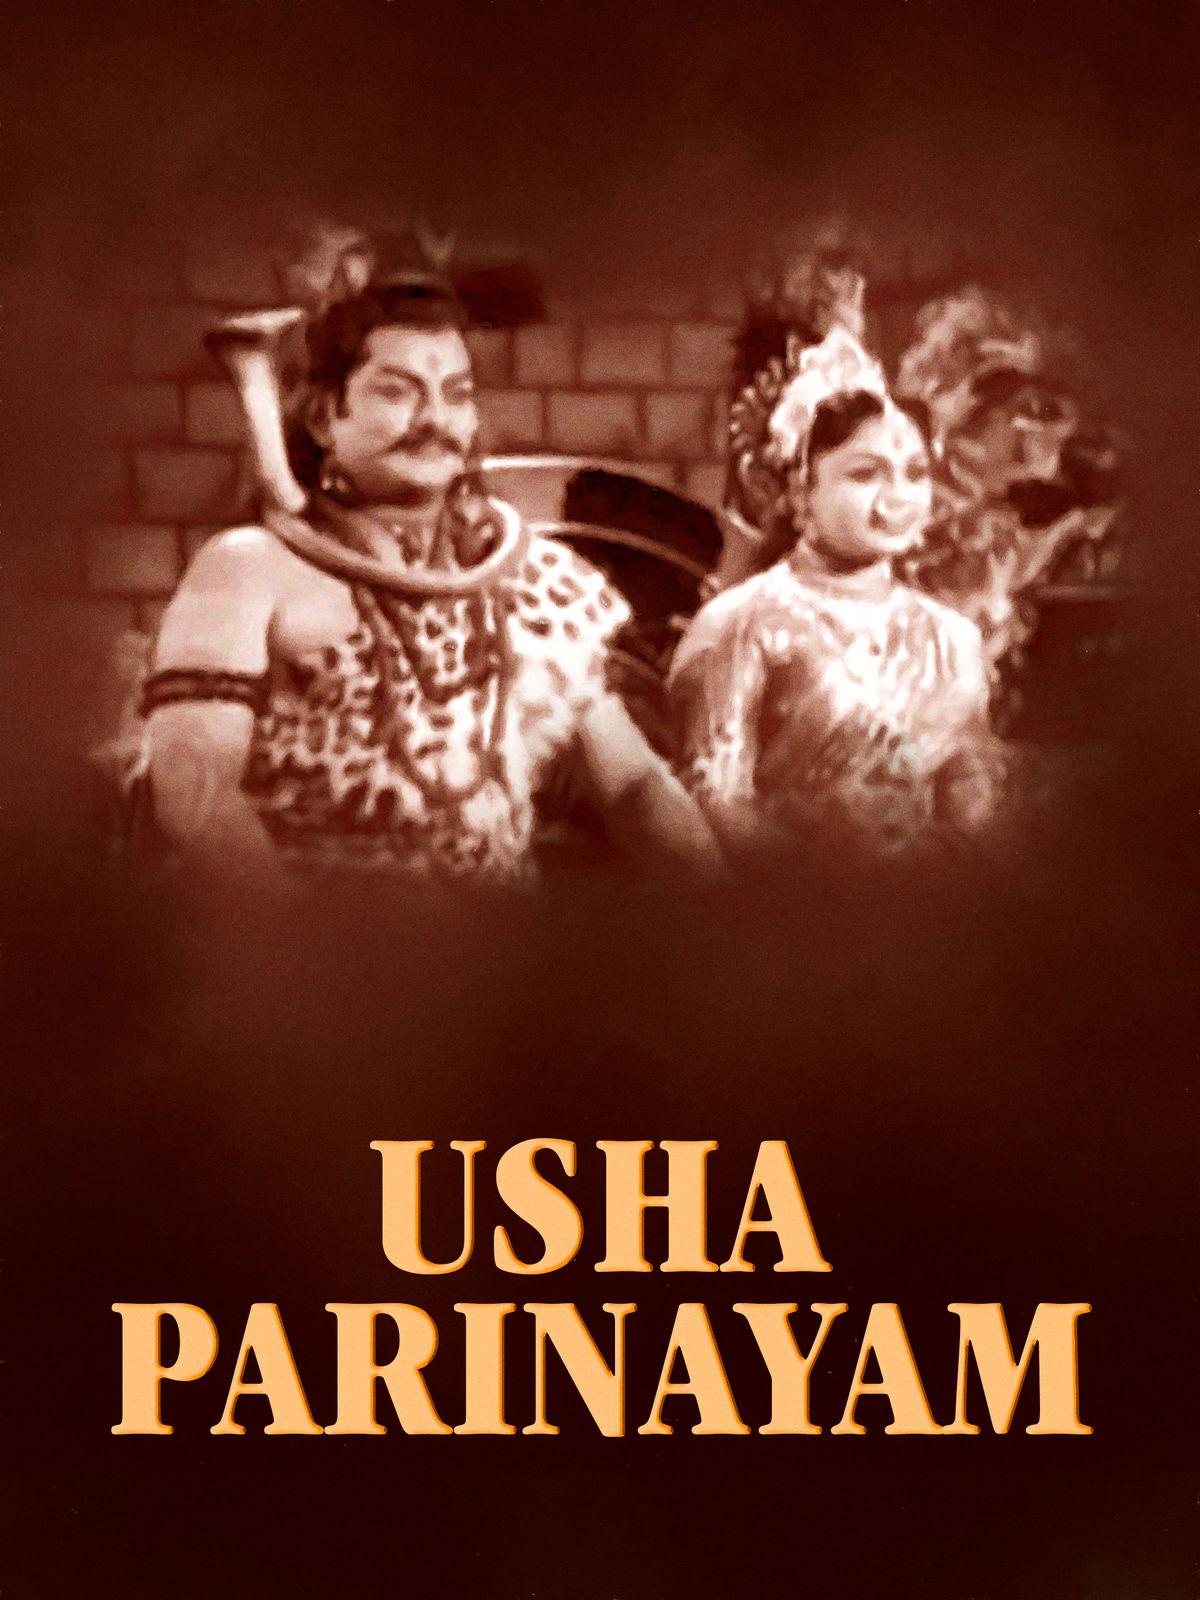 Usha Parinayam